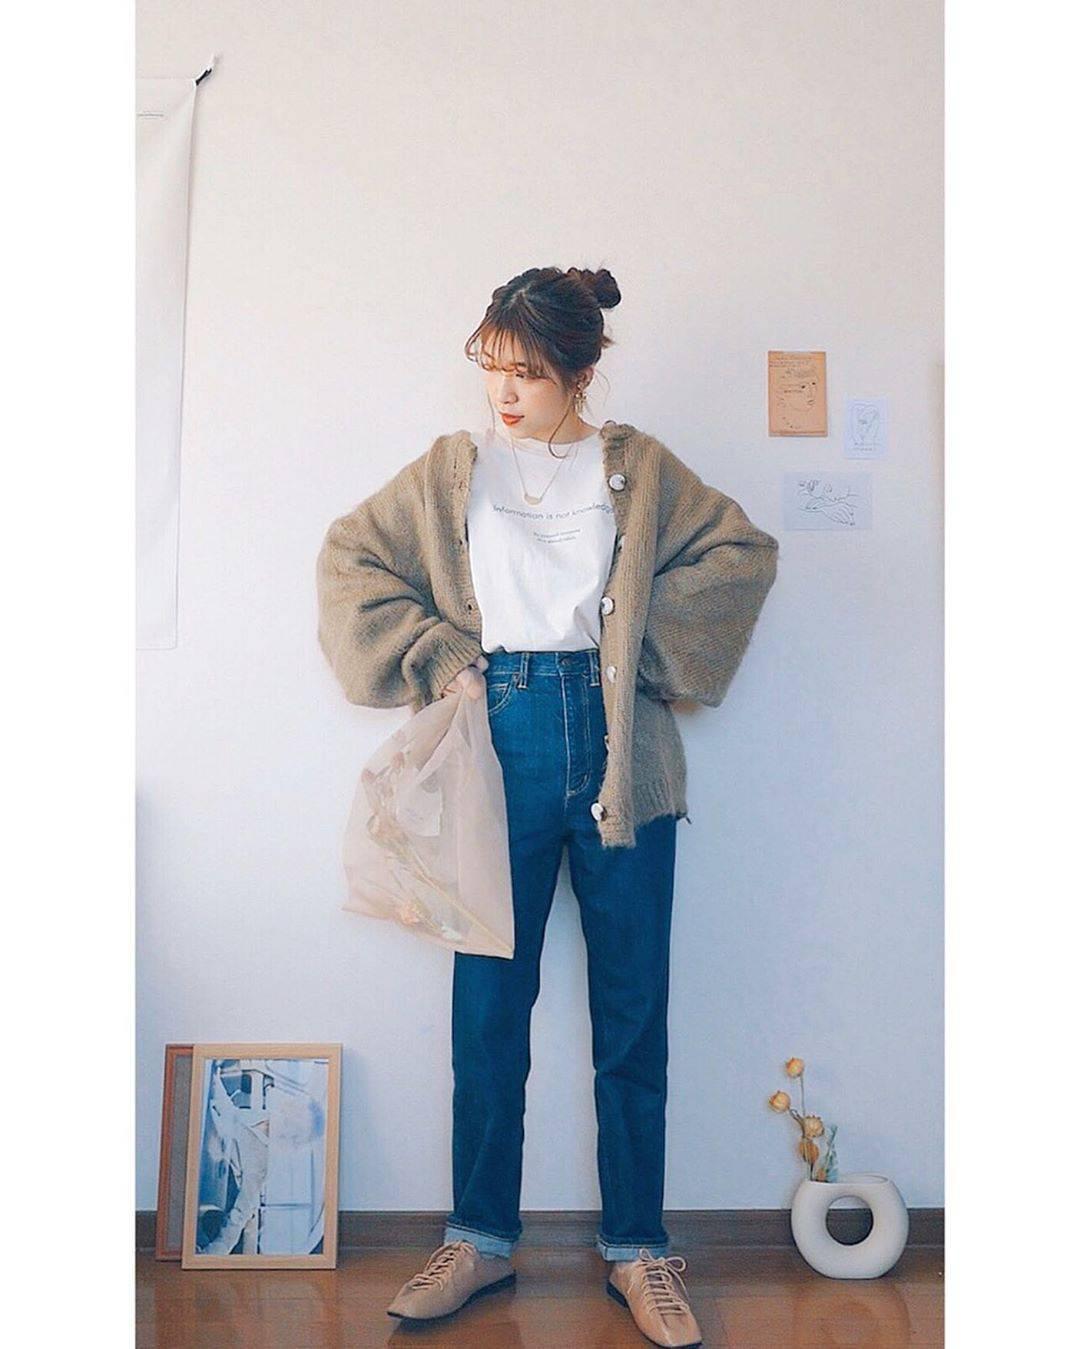 最高気温13度・最低気温3度 natsu_outfitsの服装